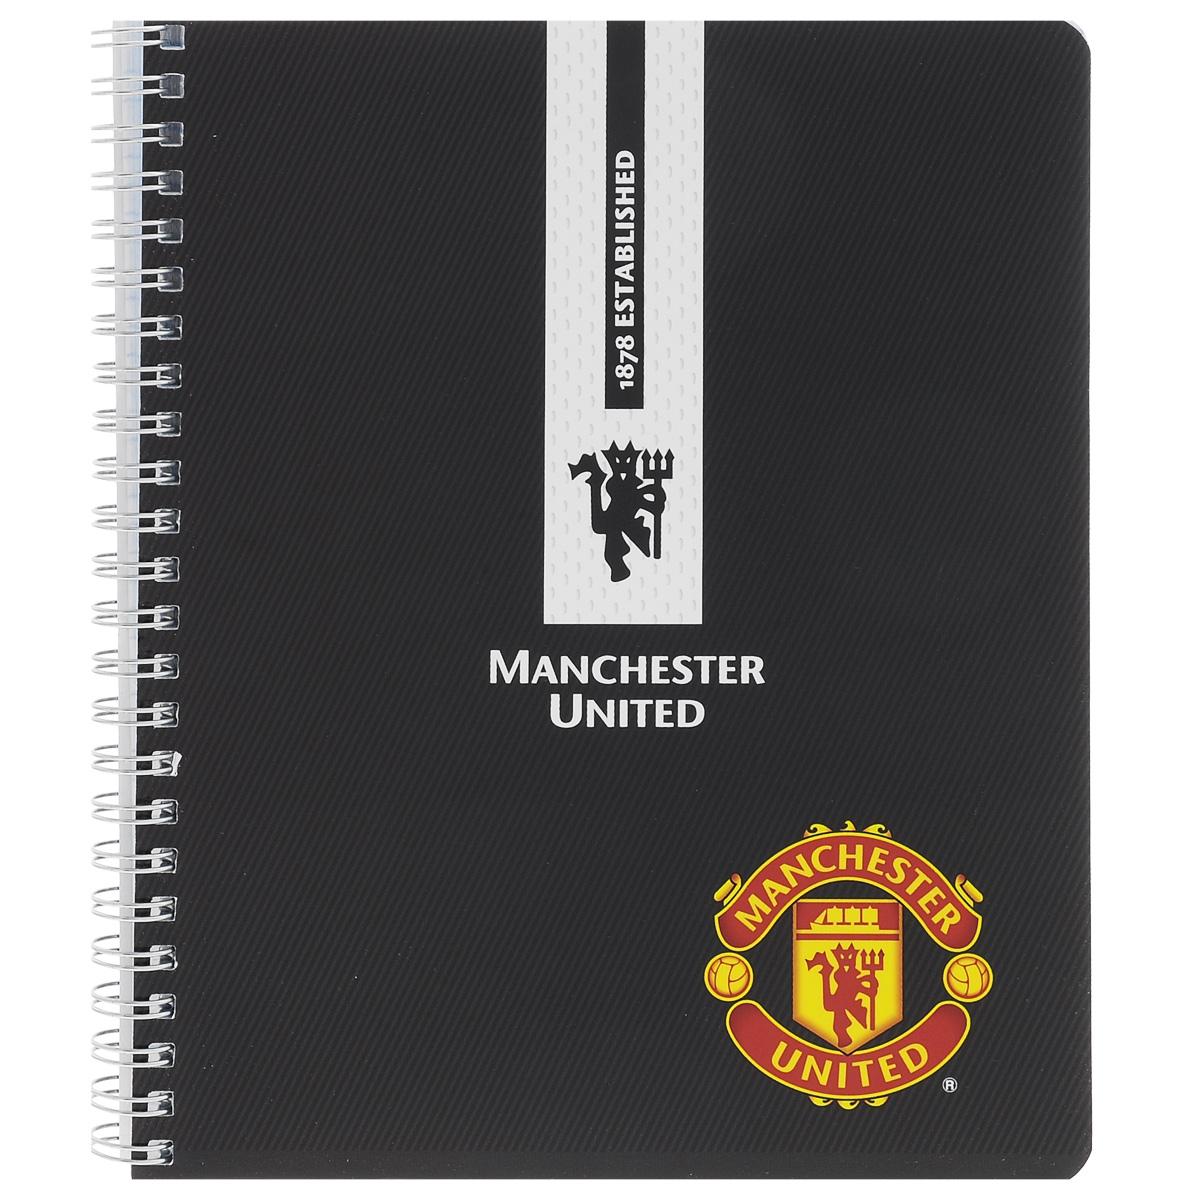 Тетрадь в клетку Manchester United, цвет: черный, 96 листов. MT6/3MT6/3_черныйТетрадь Manchester United подойдет для любых работ и студенту, и школьнику. Гладкая обложка тетради с логотипом Manchester United выполнена из мелованного картона с закругленными углами. Внутренний блок тетради соединен металлической пружиной и состоит из 96 листов высококачественной бумаги повышенной белизны.